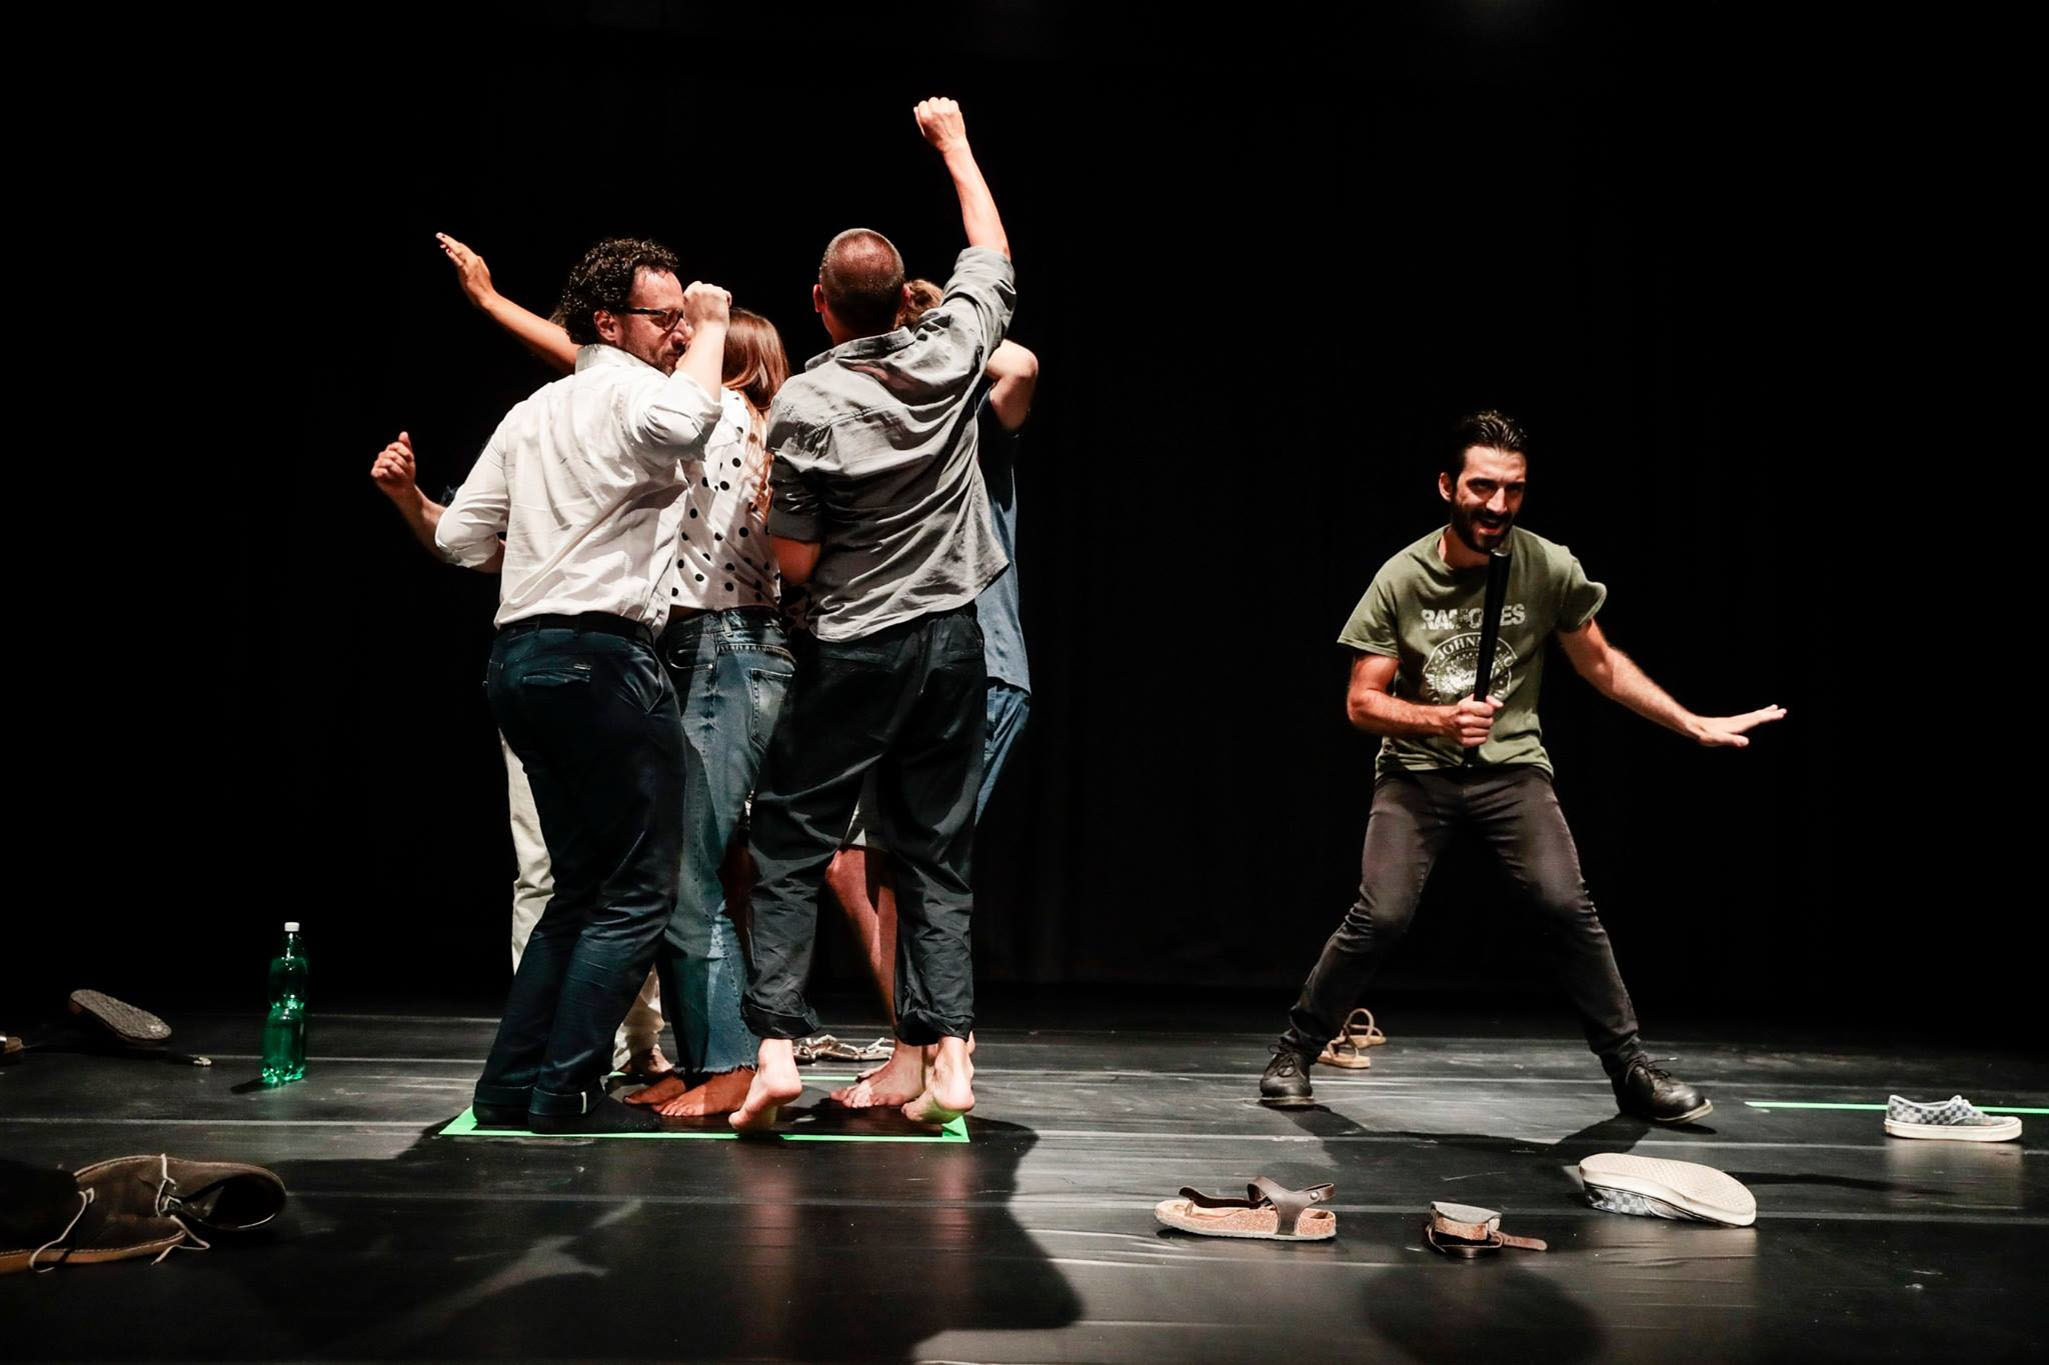 Tenuta Dello Scompiglio Vorno (Capannori, Lucca)  sabato 24 e domenica 25 febbraio M2: performance partecipata del gruppo Dynamis